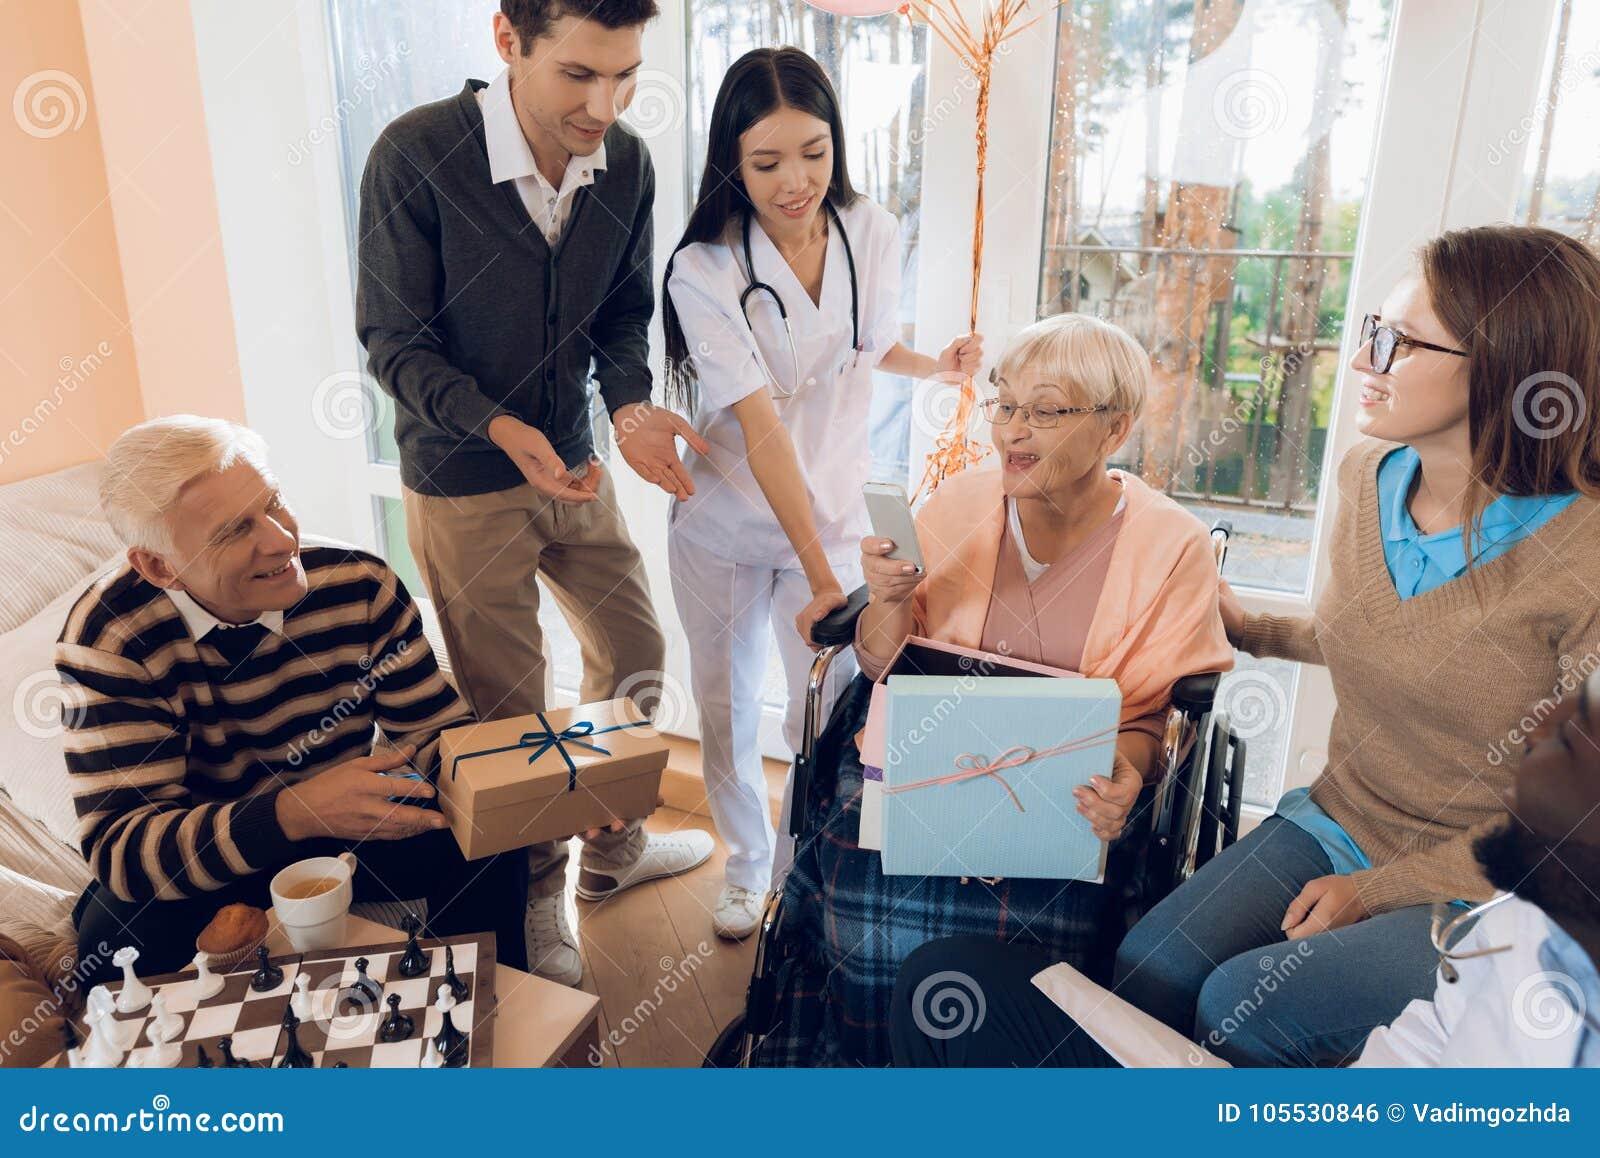 Дом престарелых группа дом престарелых в г боровичи